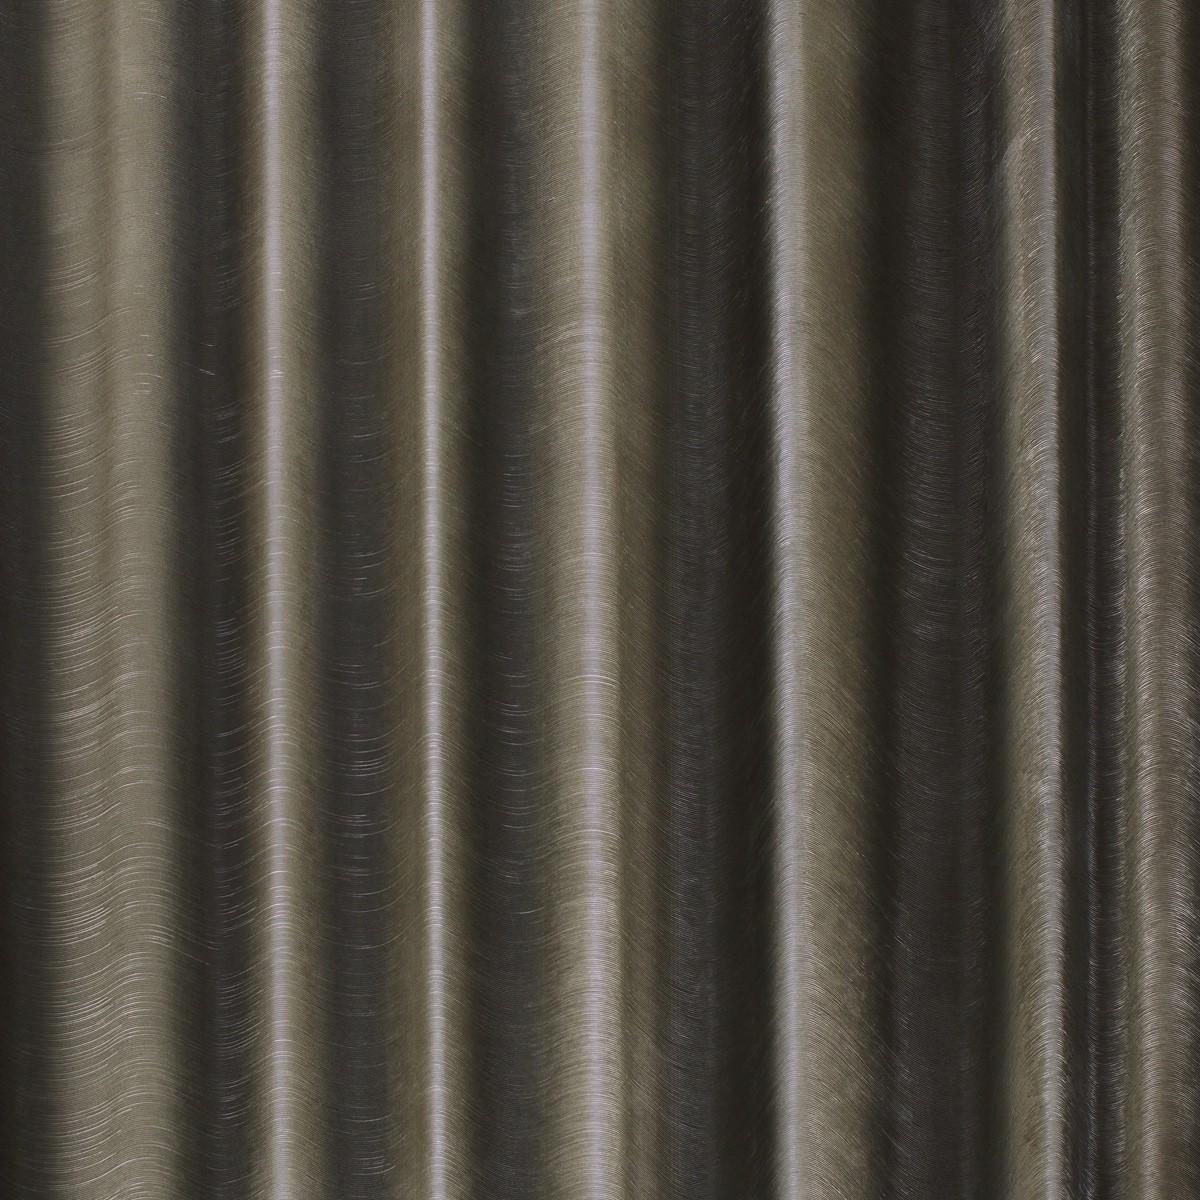 Vliestapete Glööckler Vorhang schwarz Metallic 52530